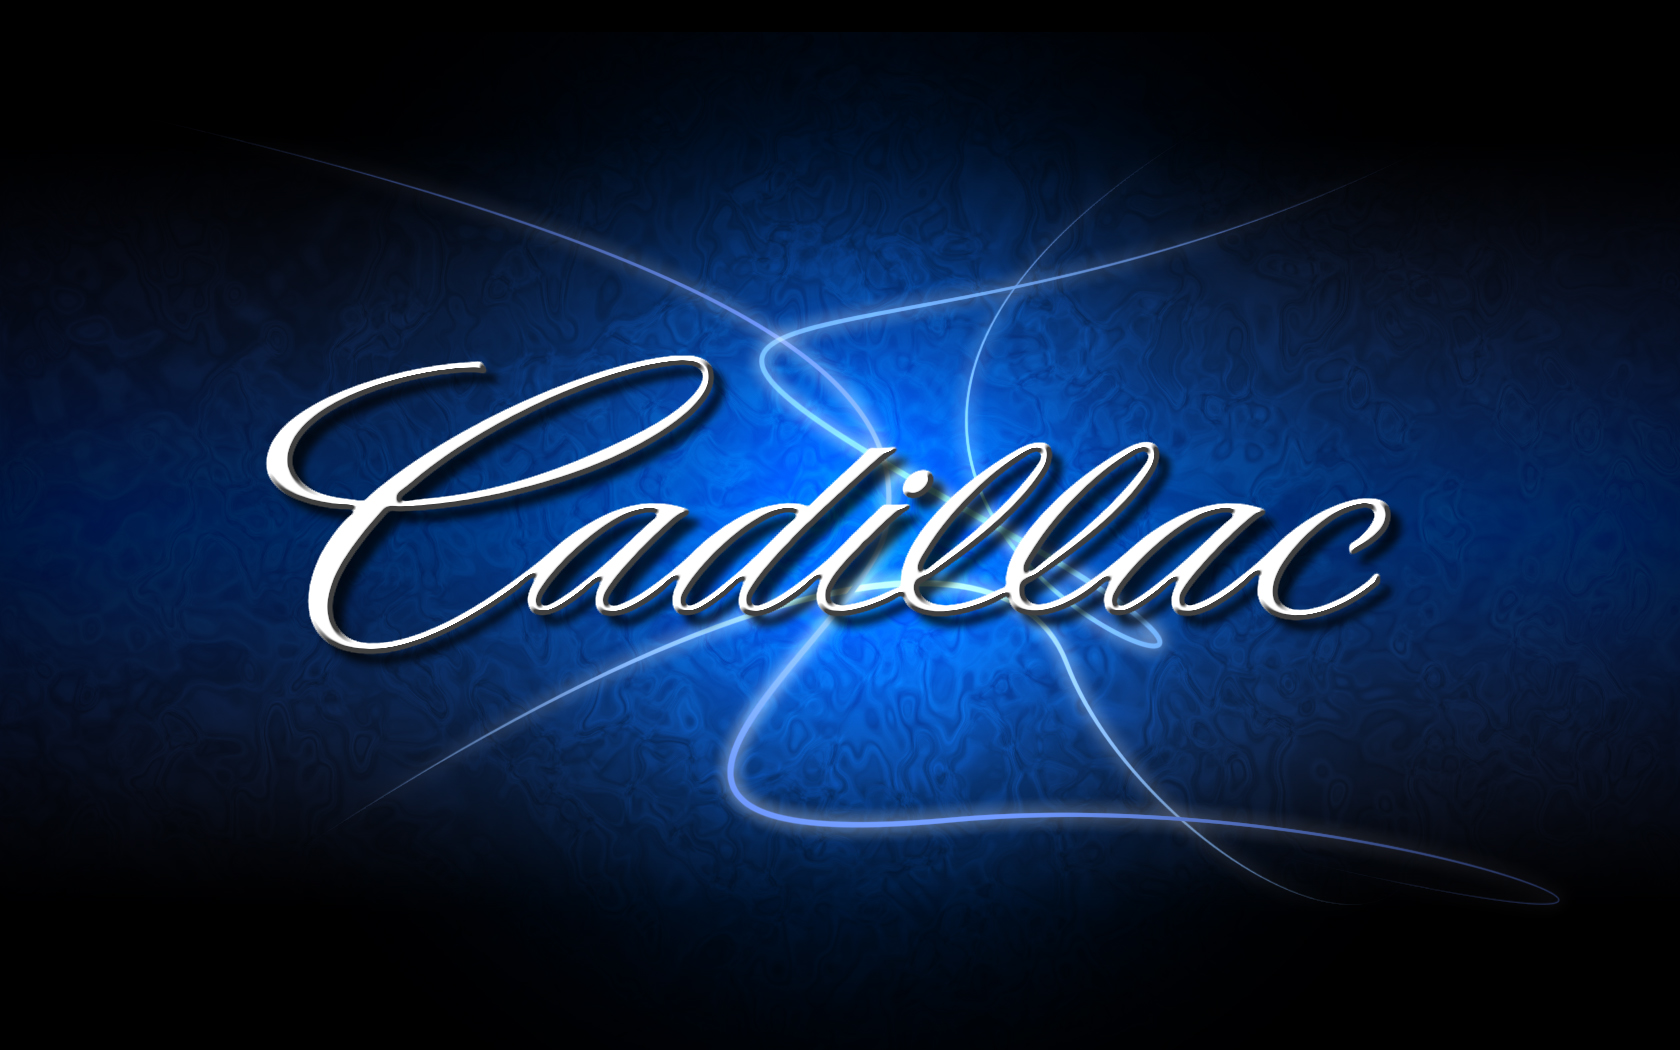 Cadillac Logo Wallpaper Cadillac wallpaper 1680x1050